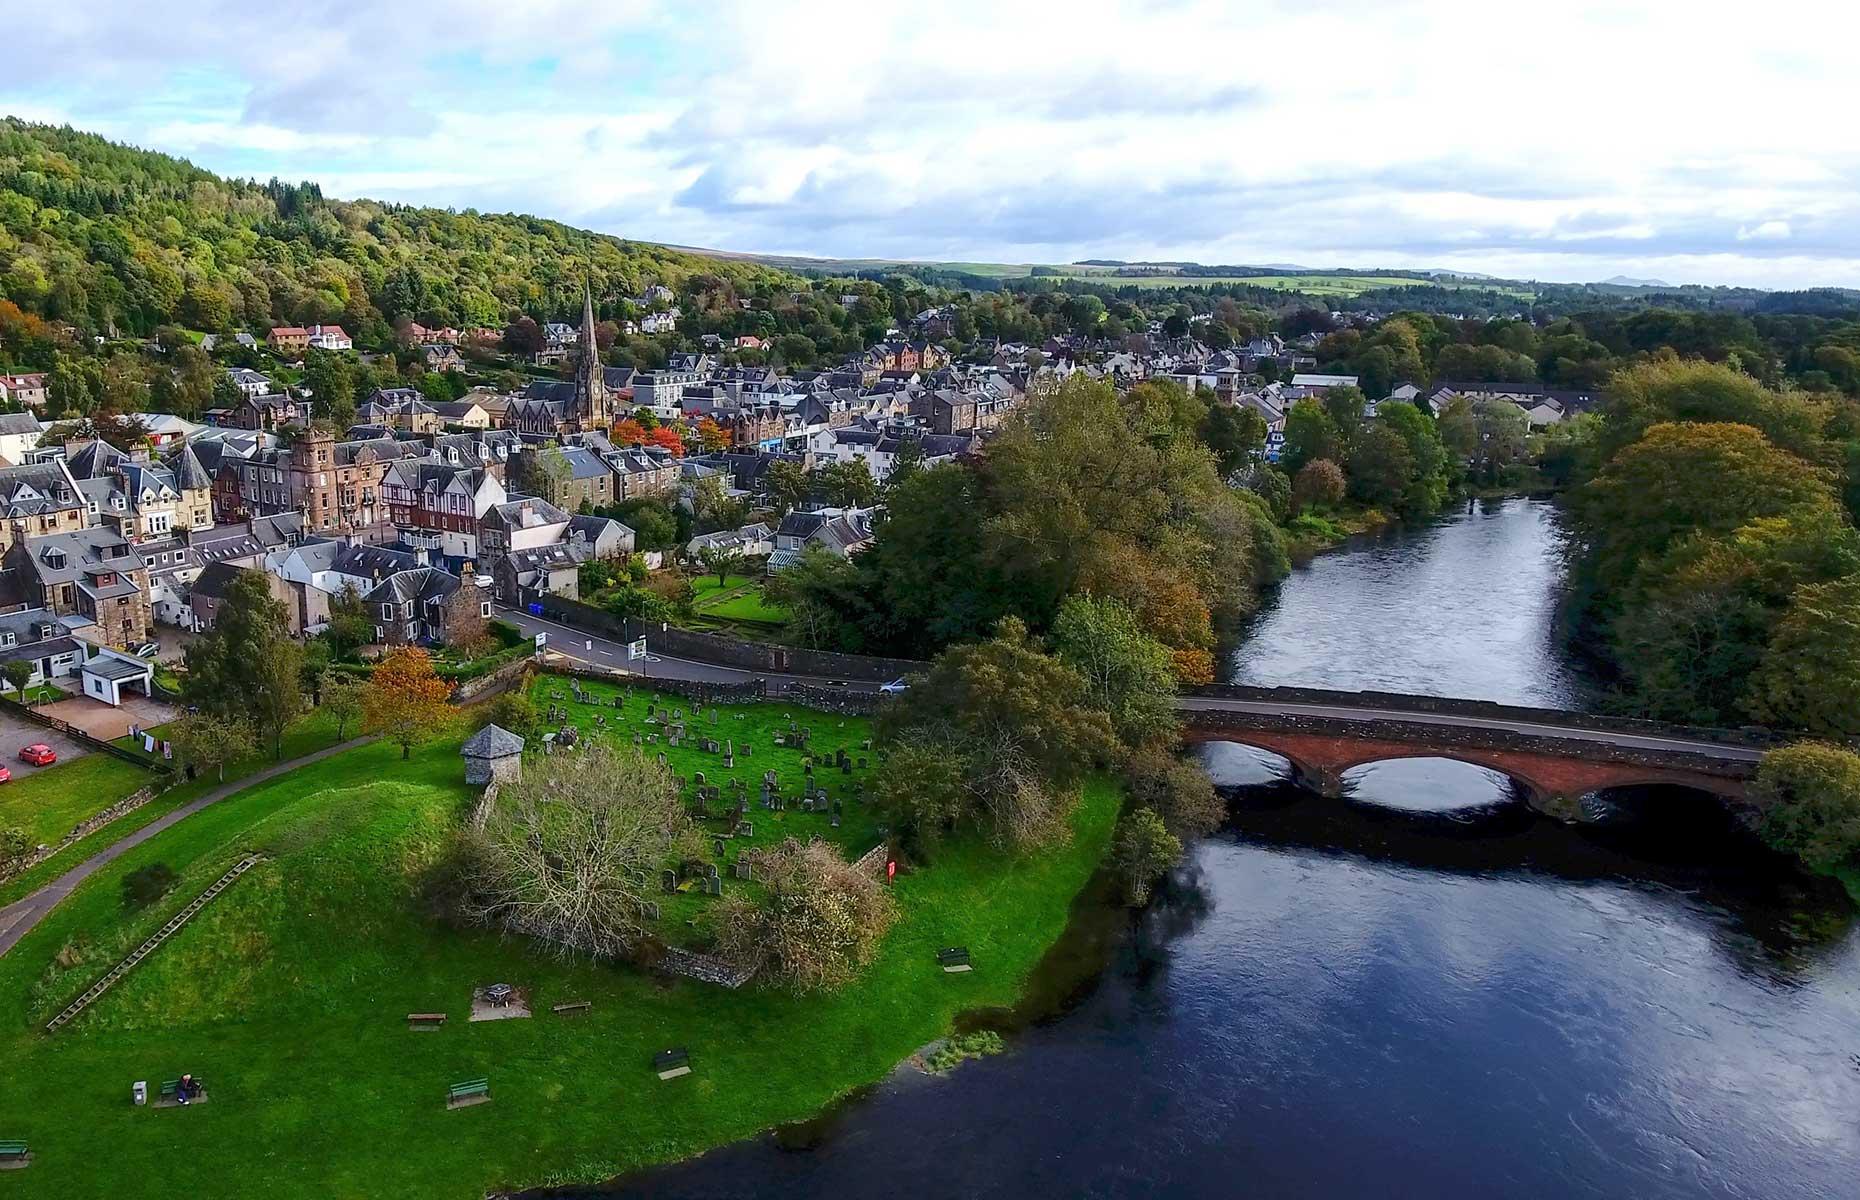 Callander, Scotland (Image: TreasureGalore/Shutterstock)